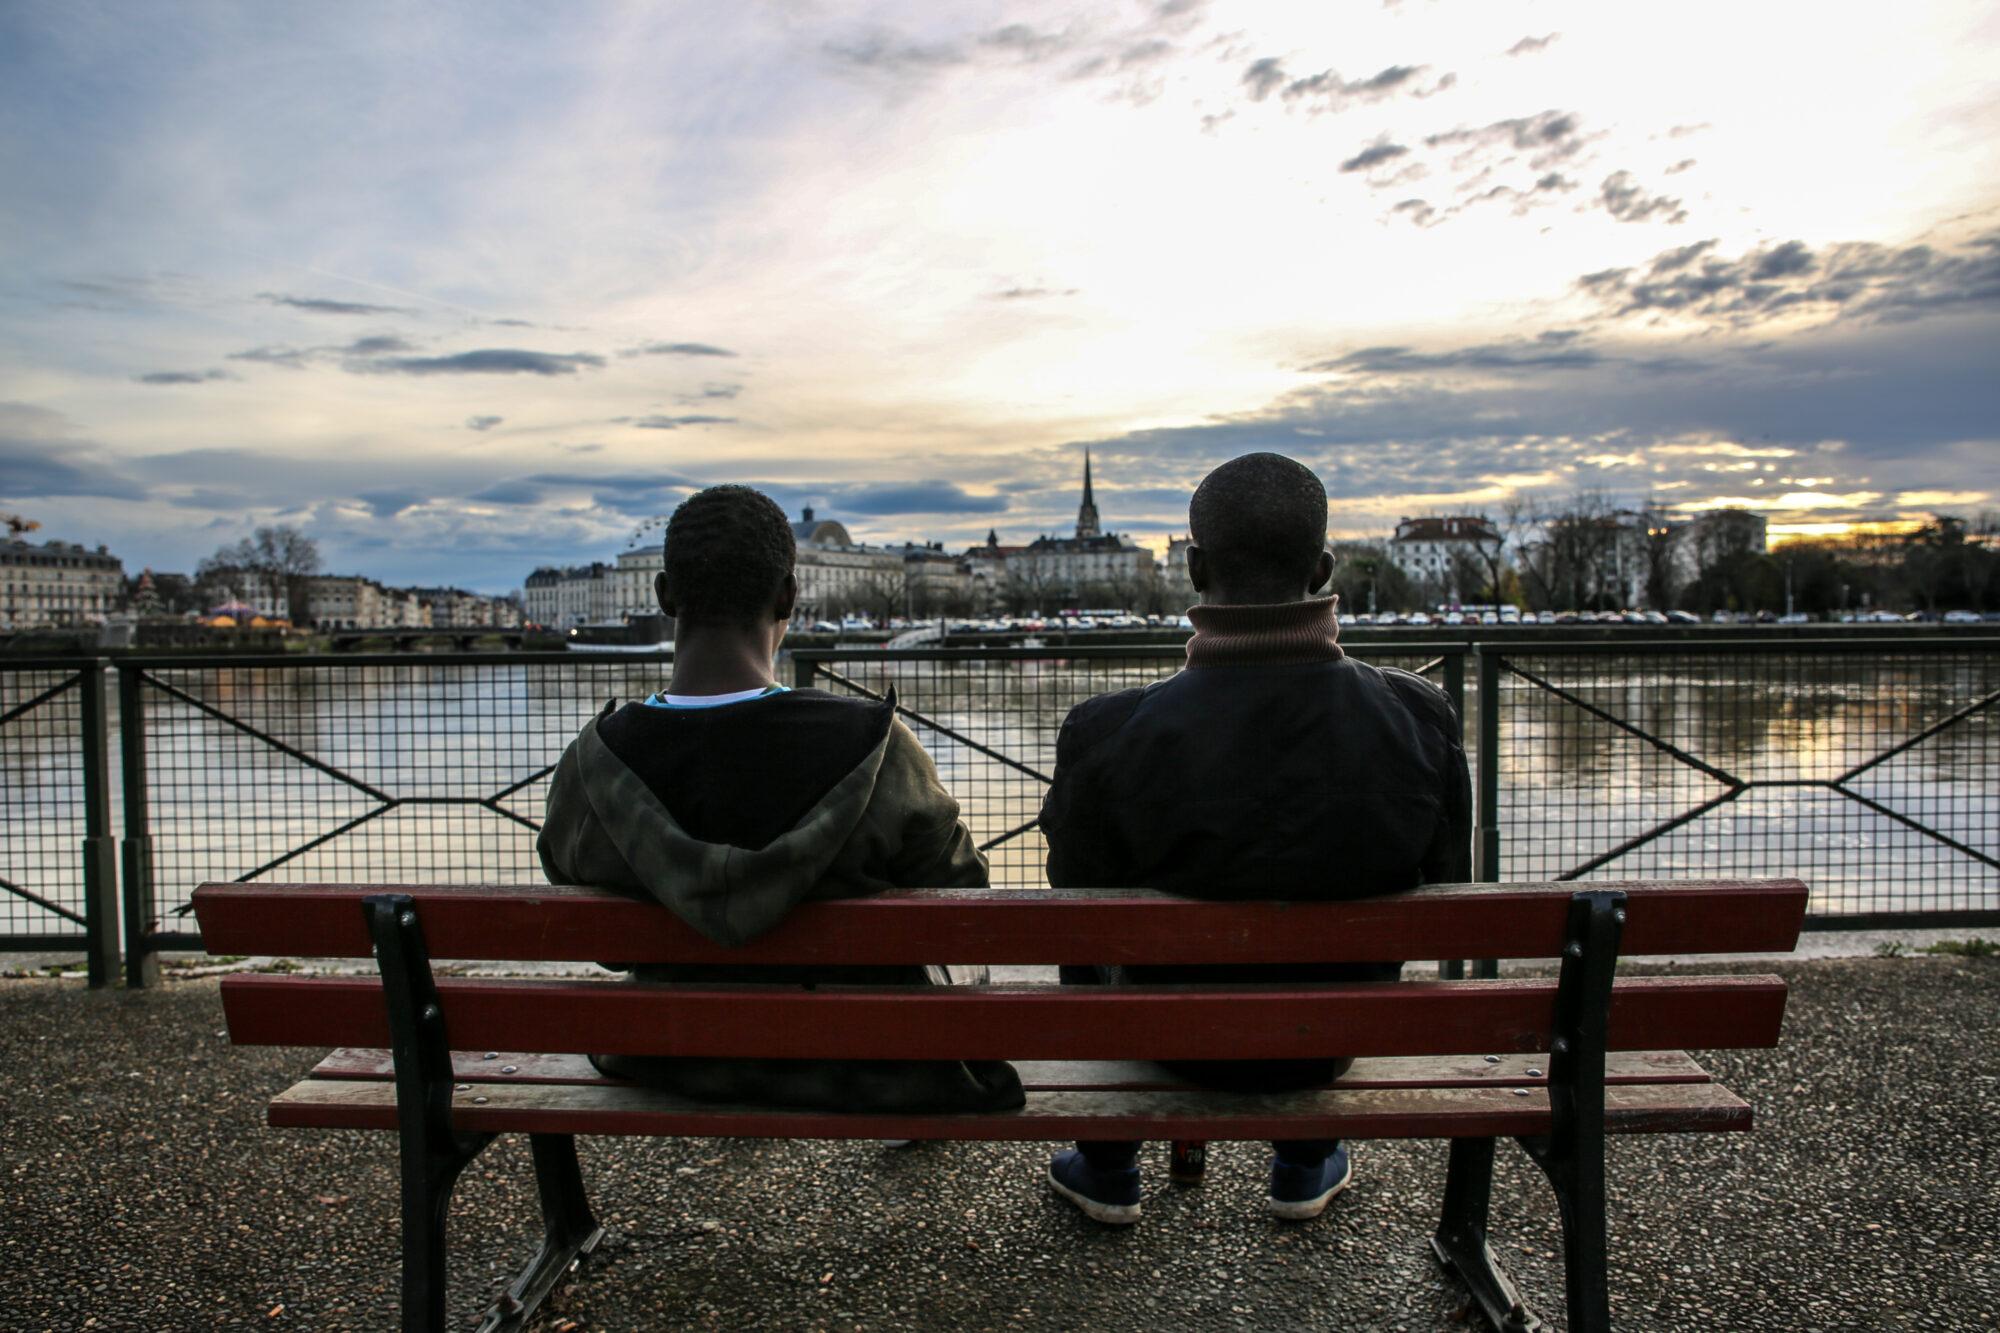 Kaksi siirtolaista istuu penkillä katsellen Adour-jokea Ranskassa.